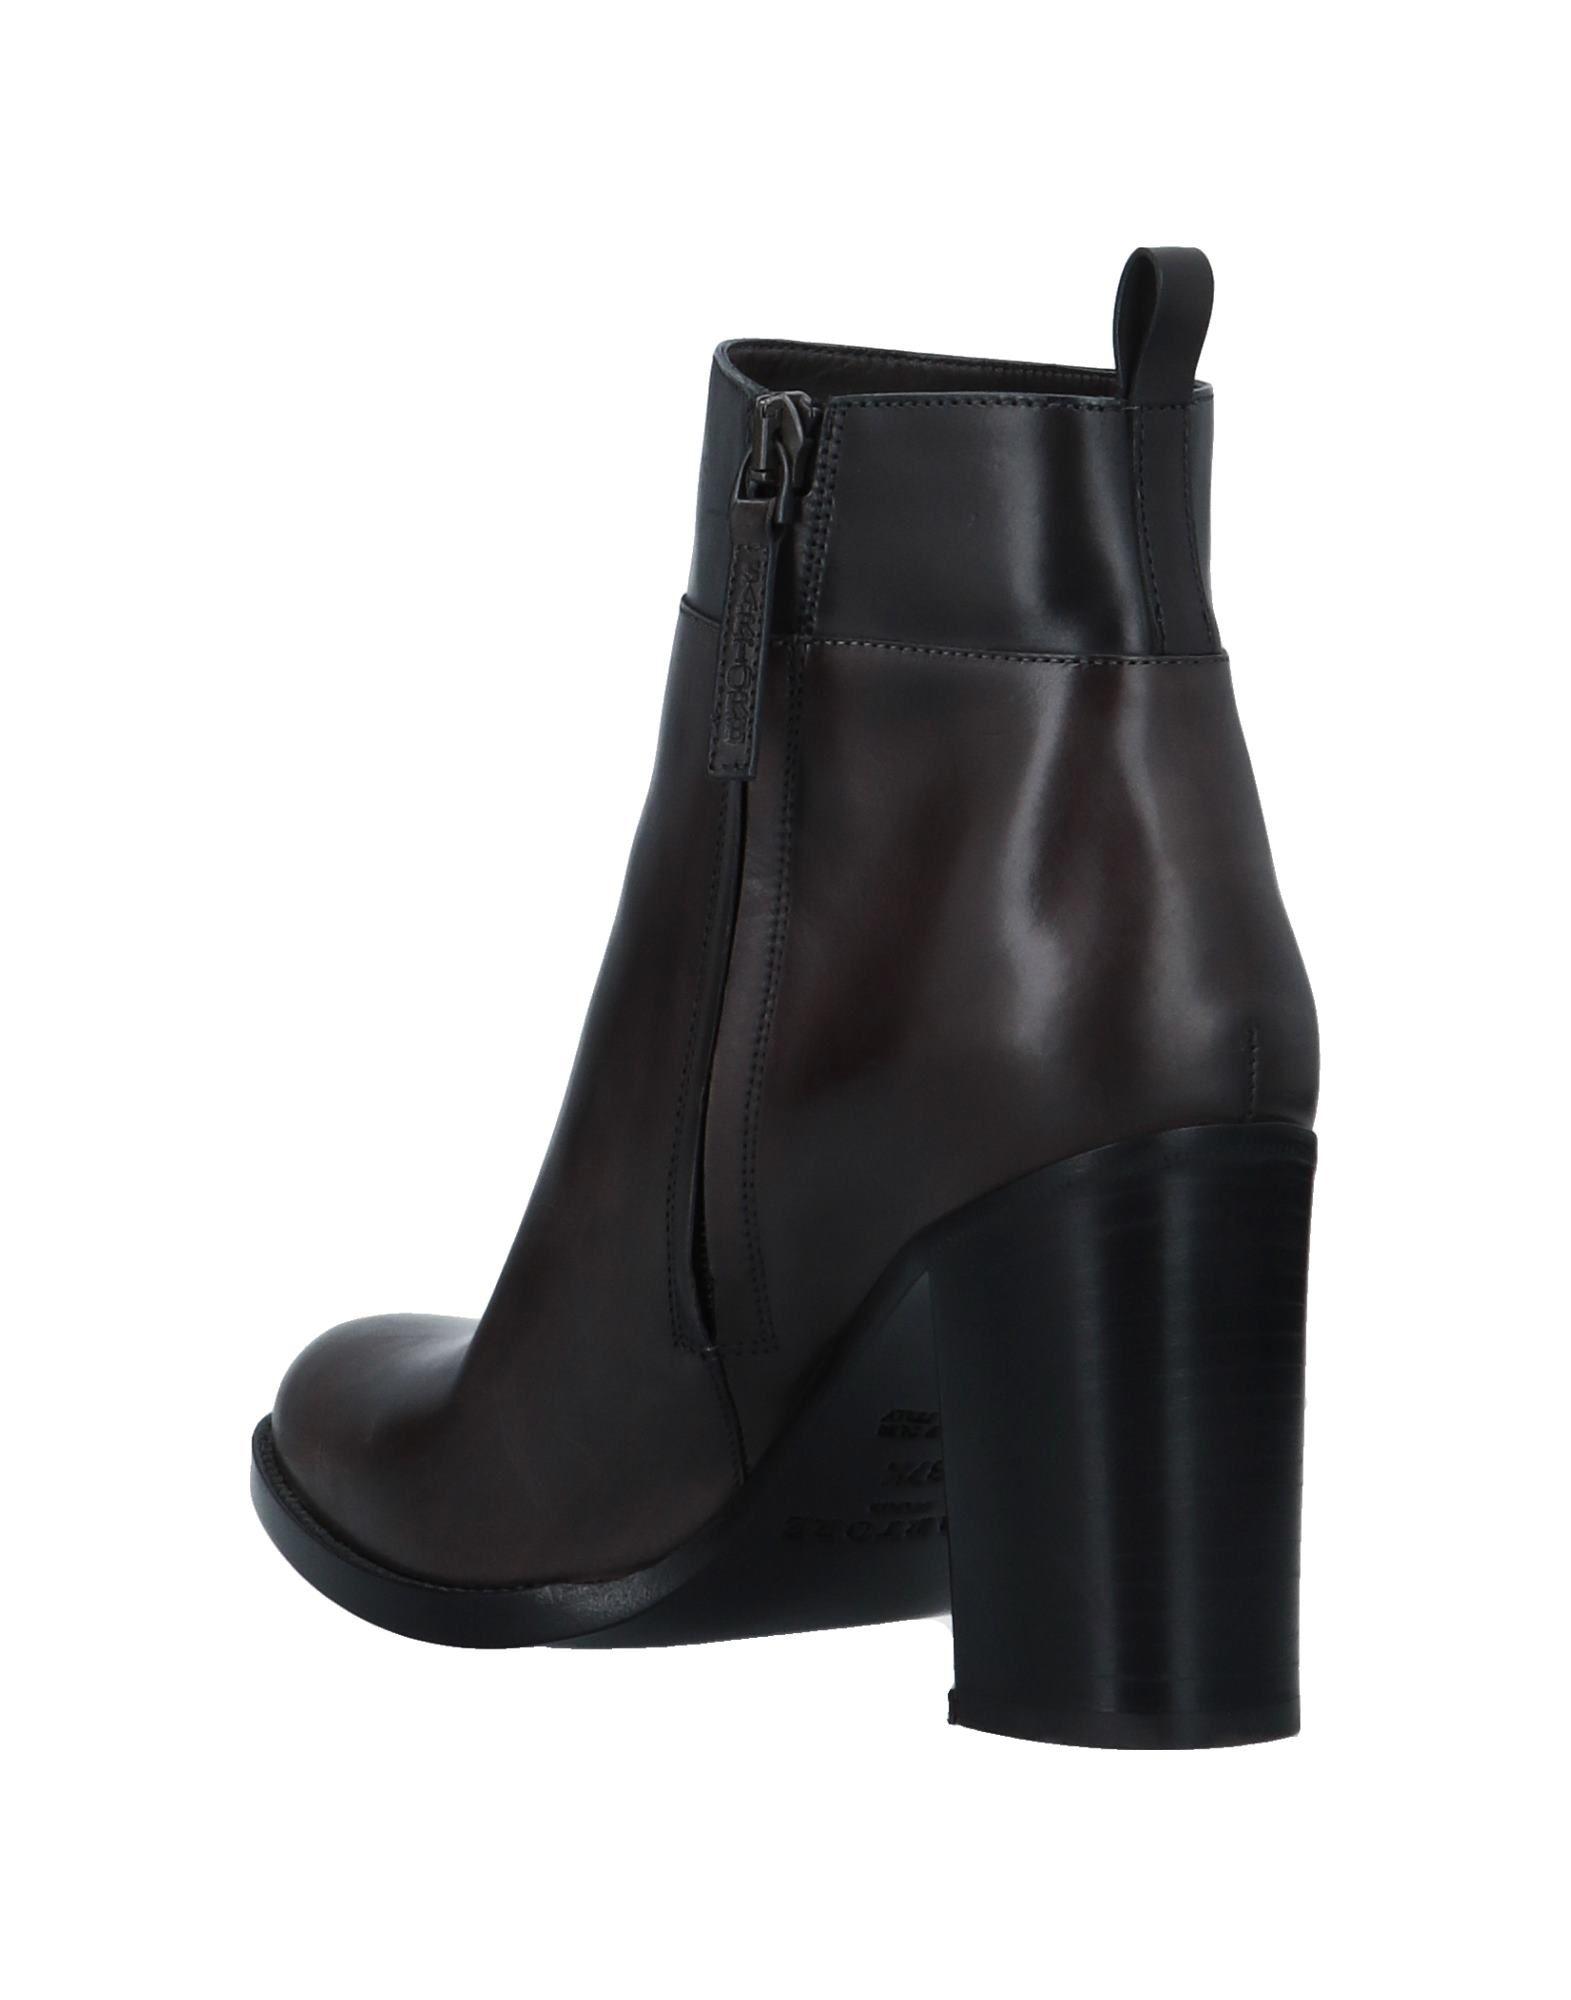 Stilvolle billige 11519760WW Schuhe Sartore Stiefelette Damen 11519760WW billige 0f1d25